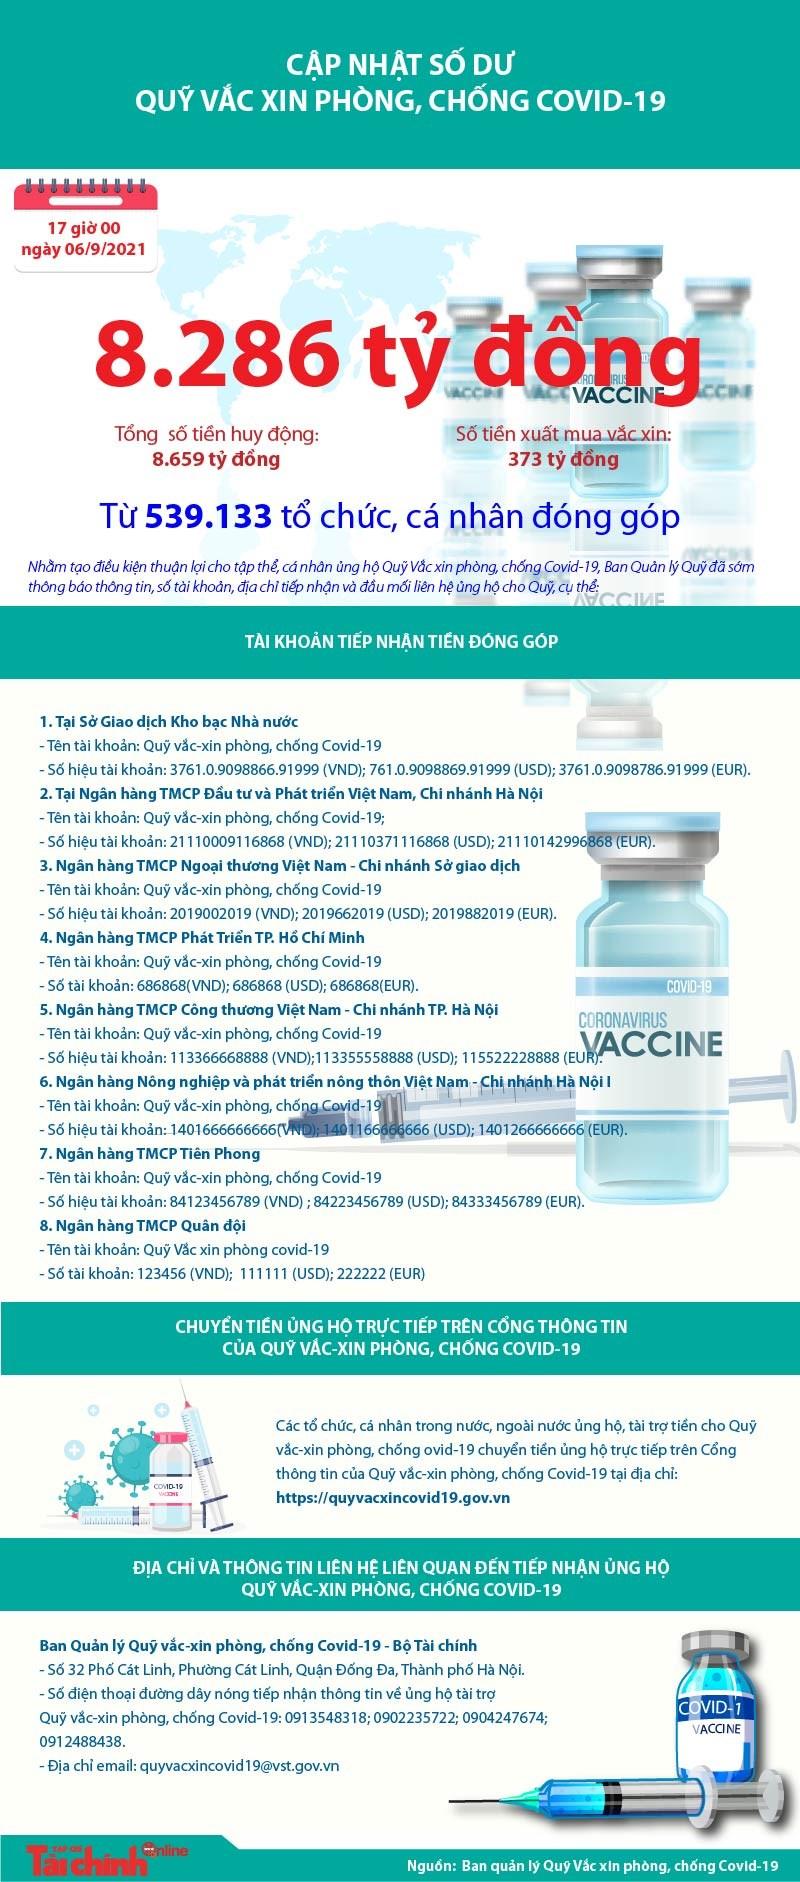 [Infographics] Quỹ Vắc xin phòng, chống COVID-19 còn dư 8.286 tỷ đồng - Ảnh 1